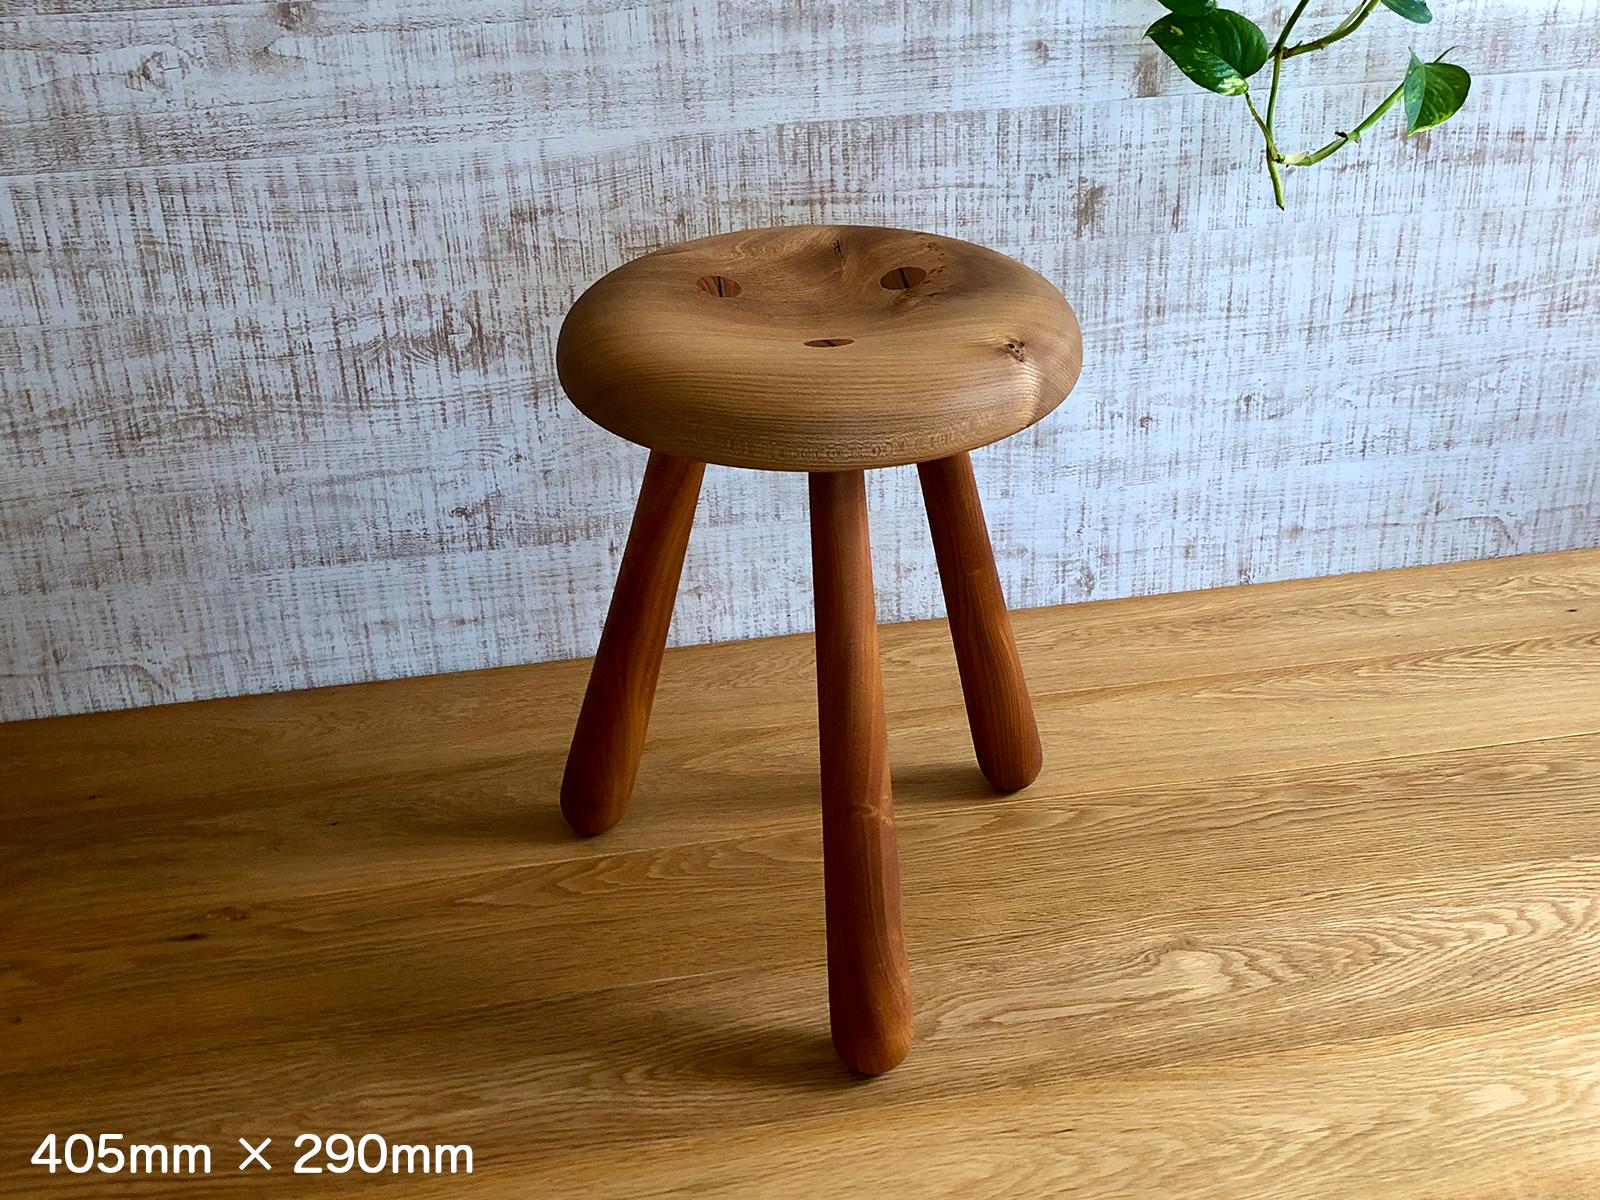 クラゲスツール/ニレ ST-2 高さ405mm /幅290mm 無垢材 木製 木 チェア スツール 椅子 おしゃれ